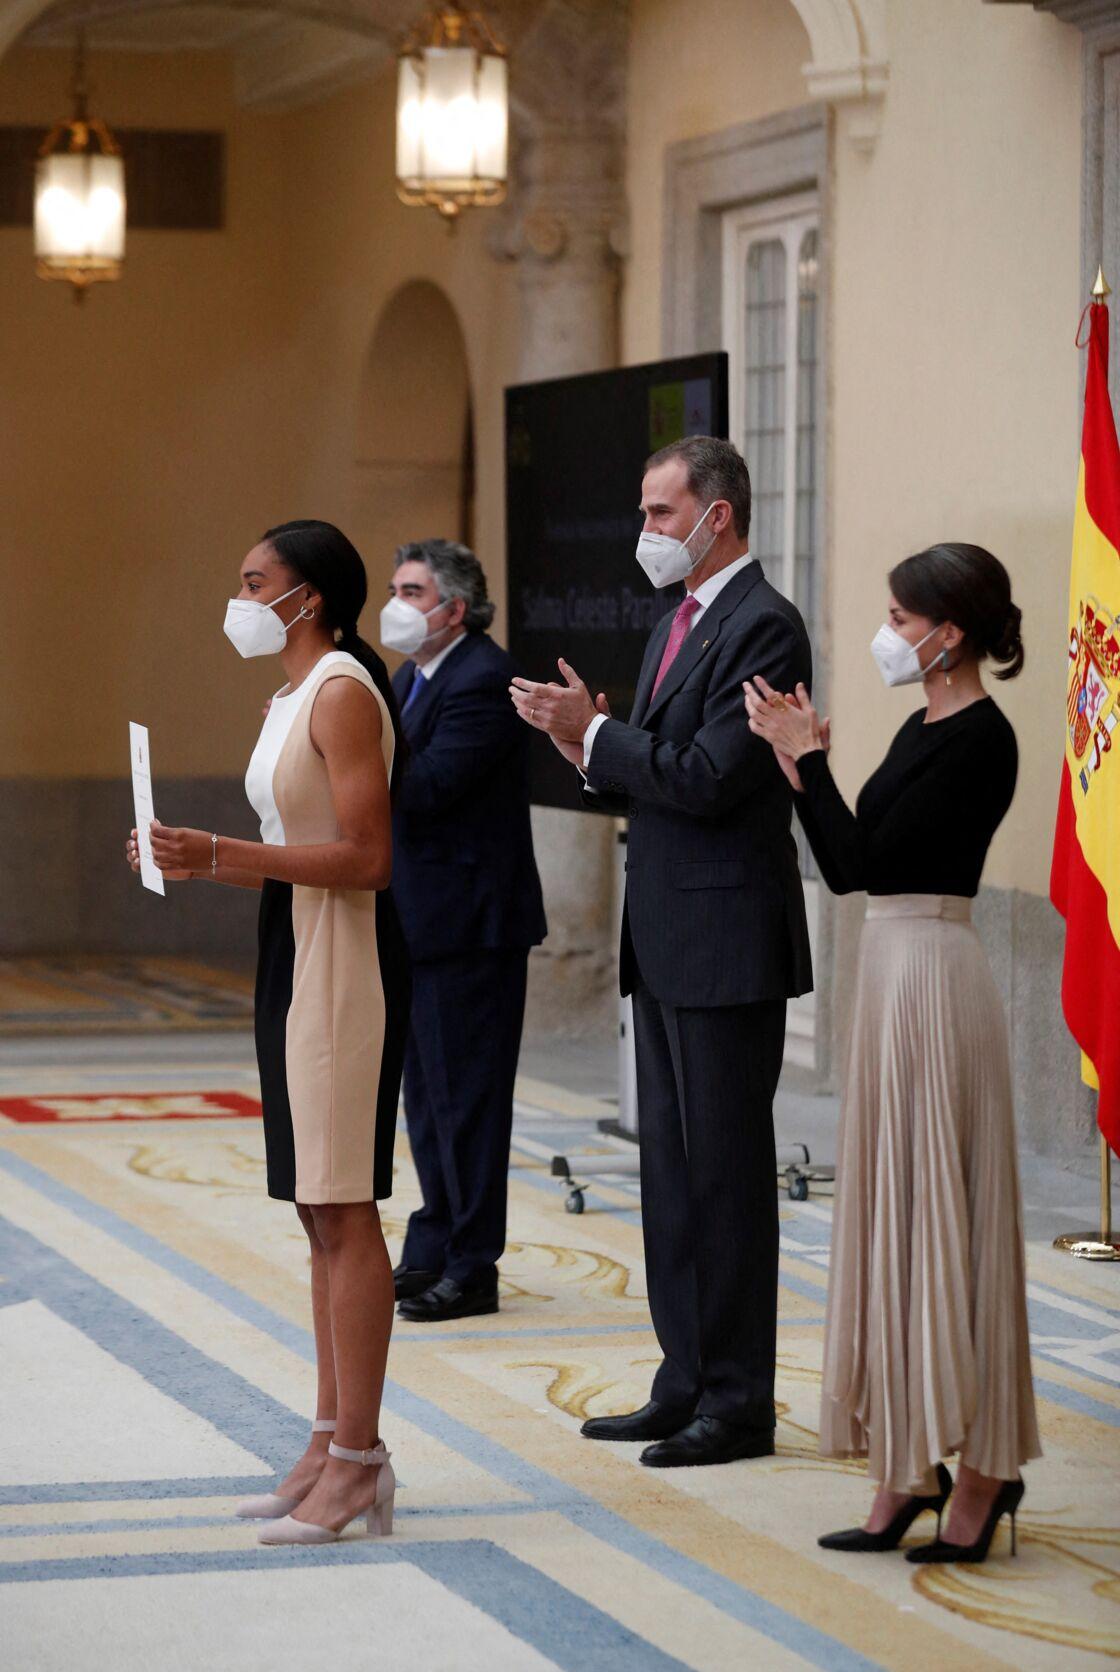 Le roi Felipe VI d'Espagne et la reine Letizia d'Espagne assistent à la cérémonie des National Sports Awards au Palais El Pardo à Madrid, Espagne, le 2 mars 2021.